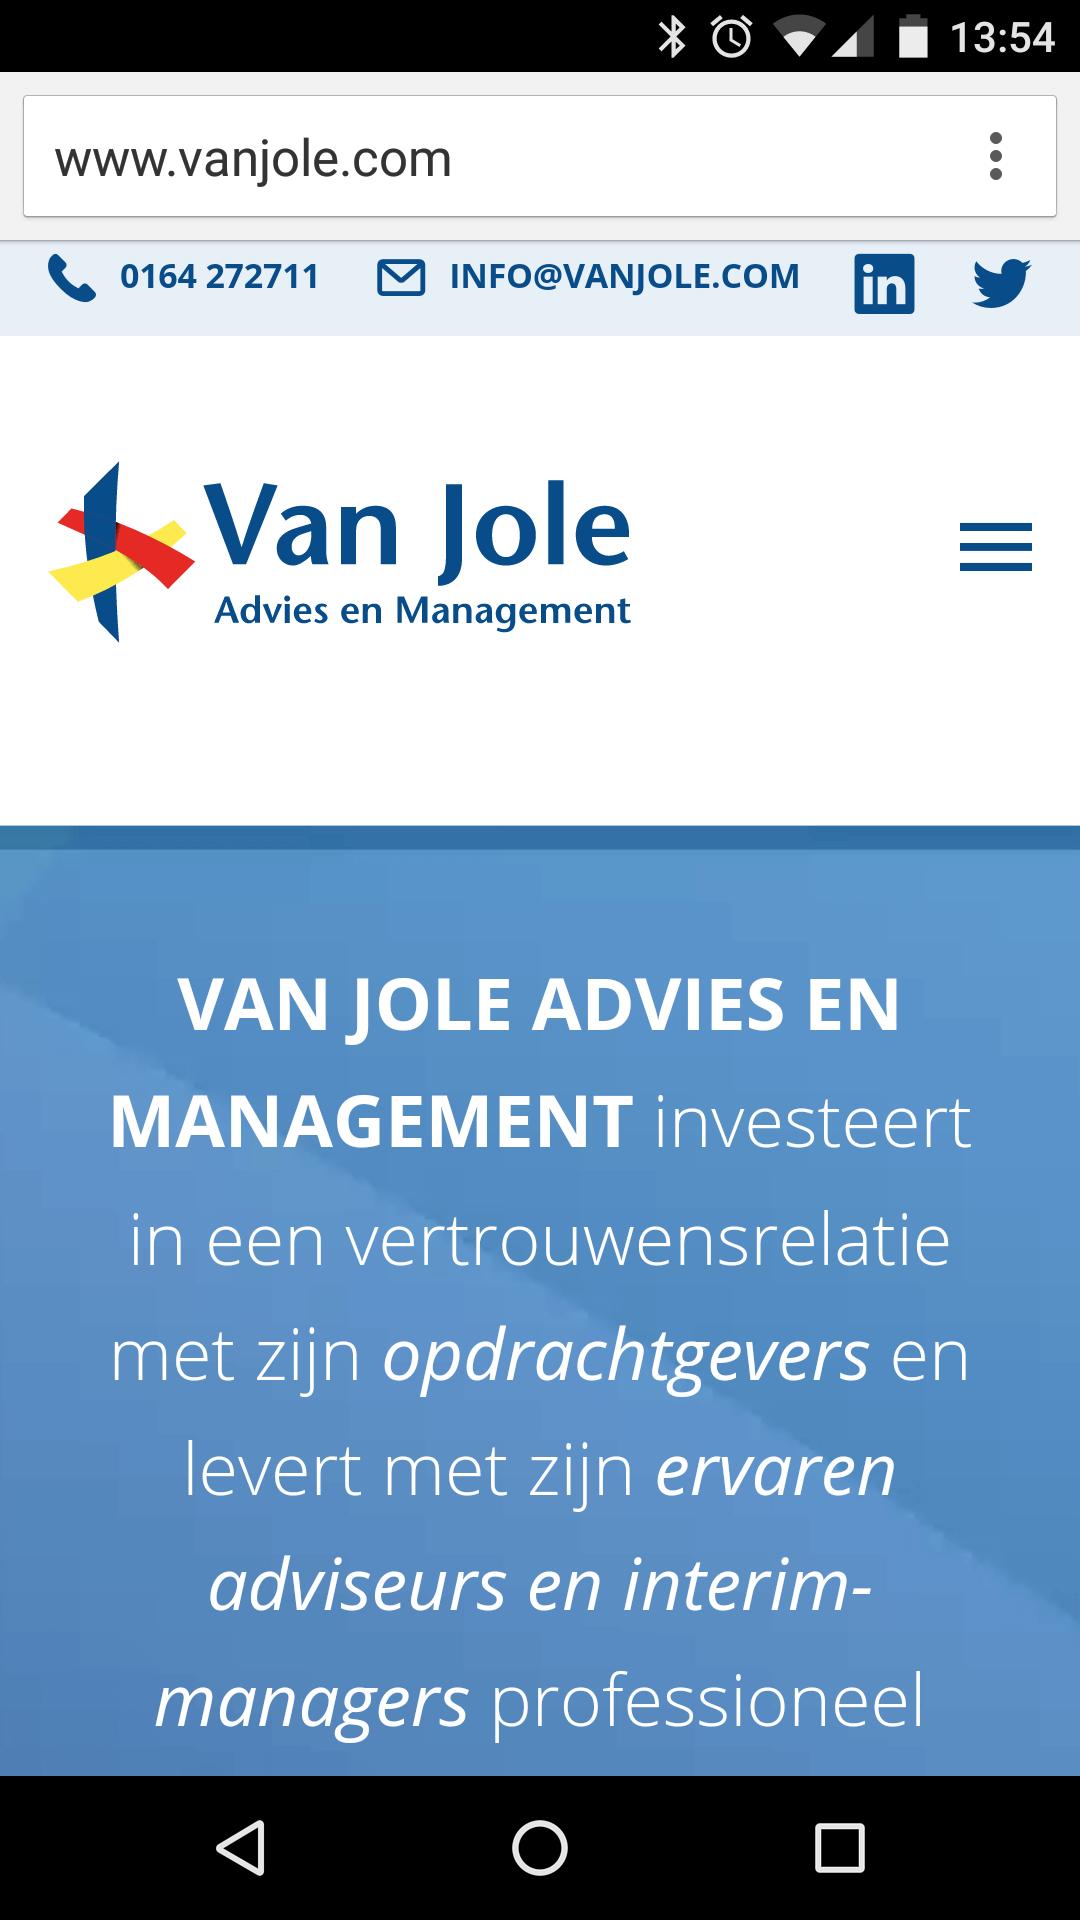 Nieuwe responsive website (mobiele telefoon) Van Jole, Advies en Management